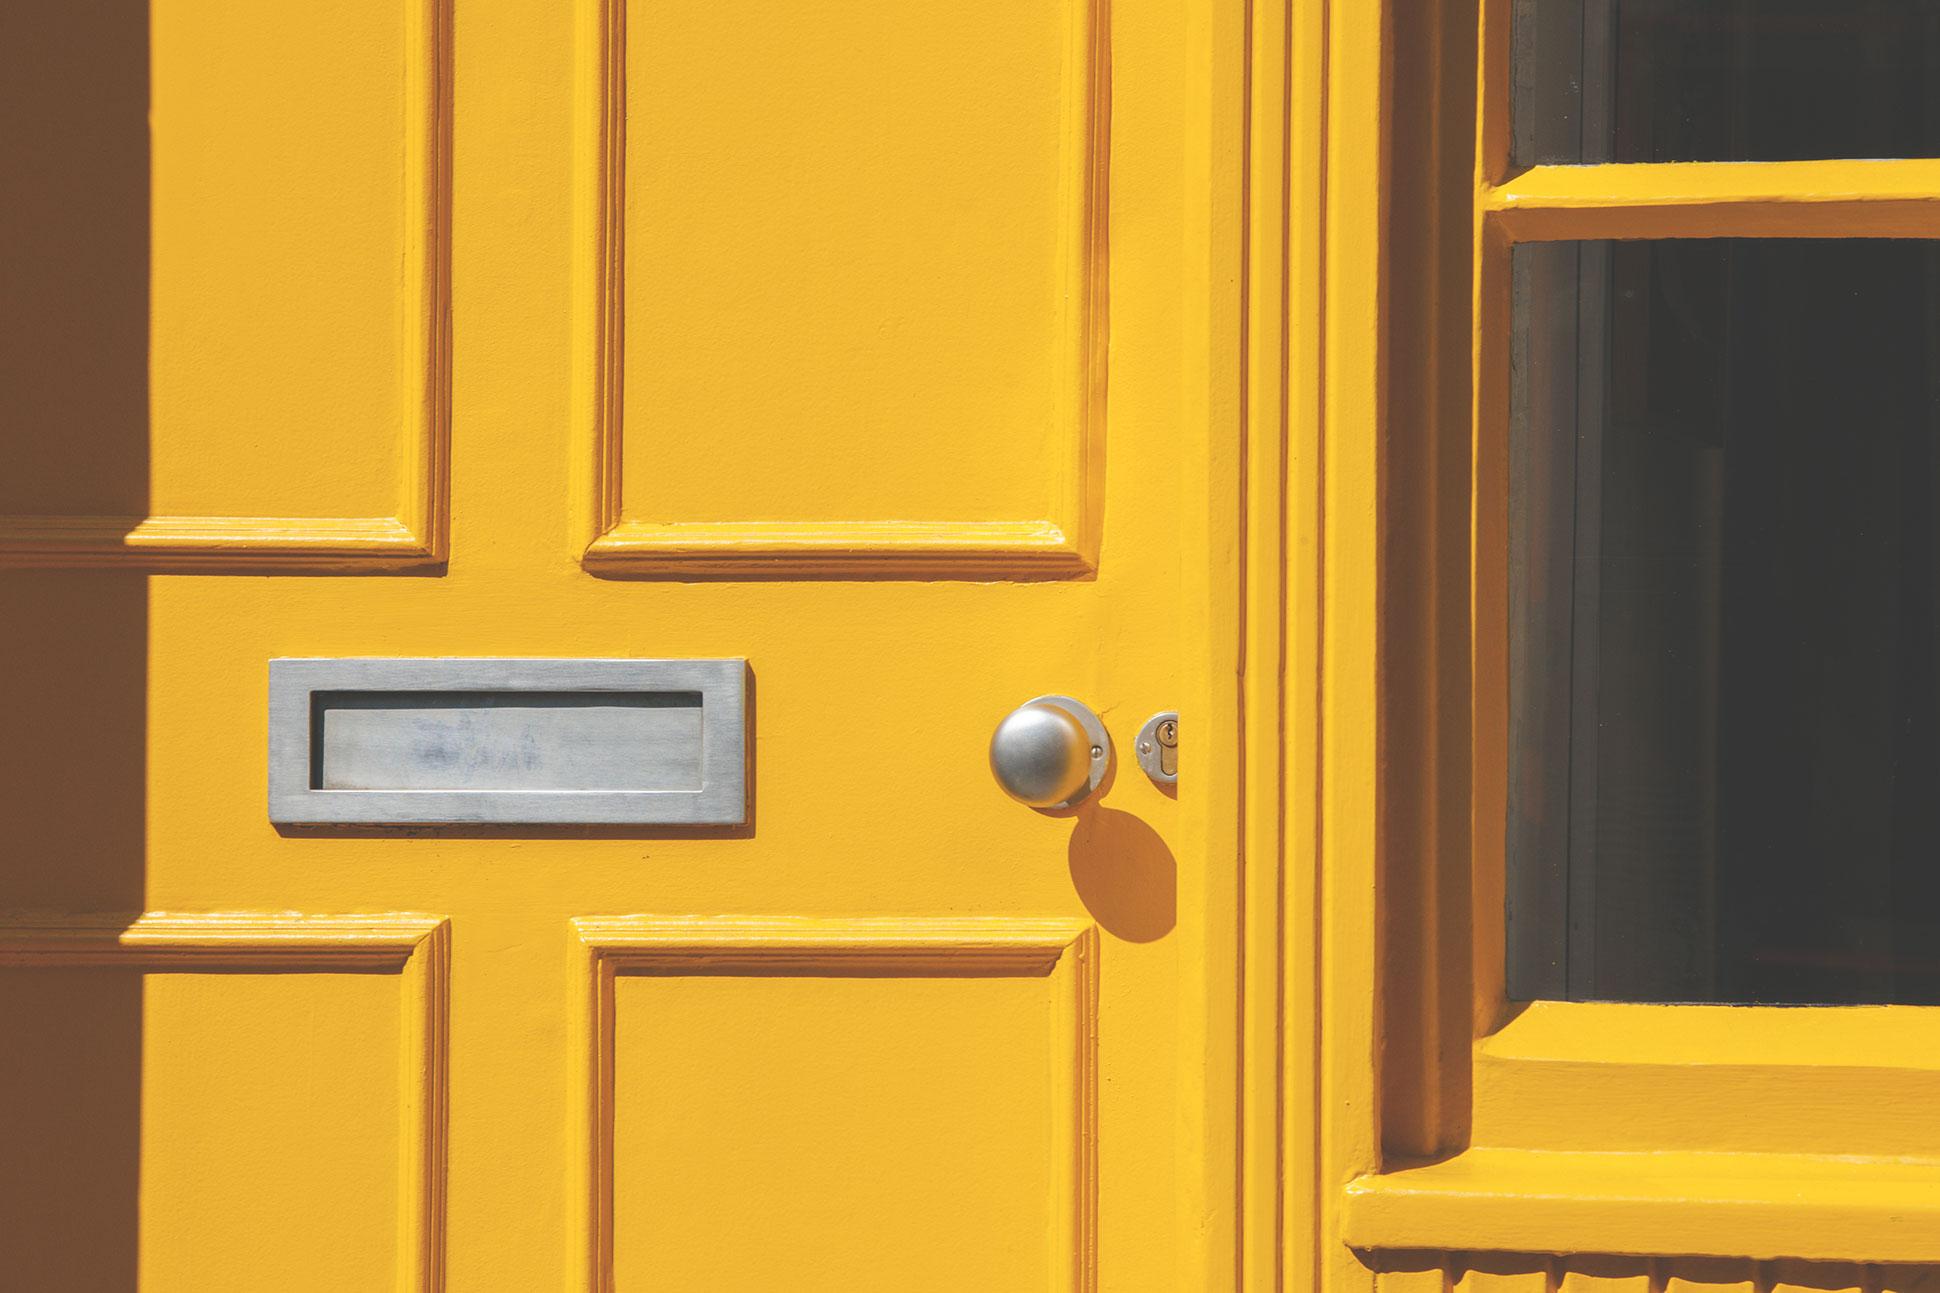 Ma un portone dipinto di giallo